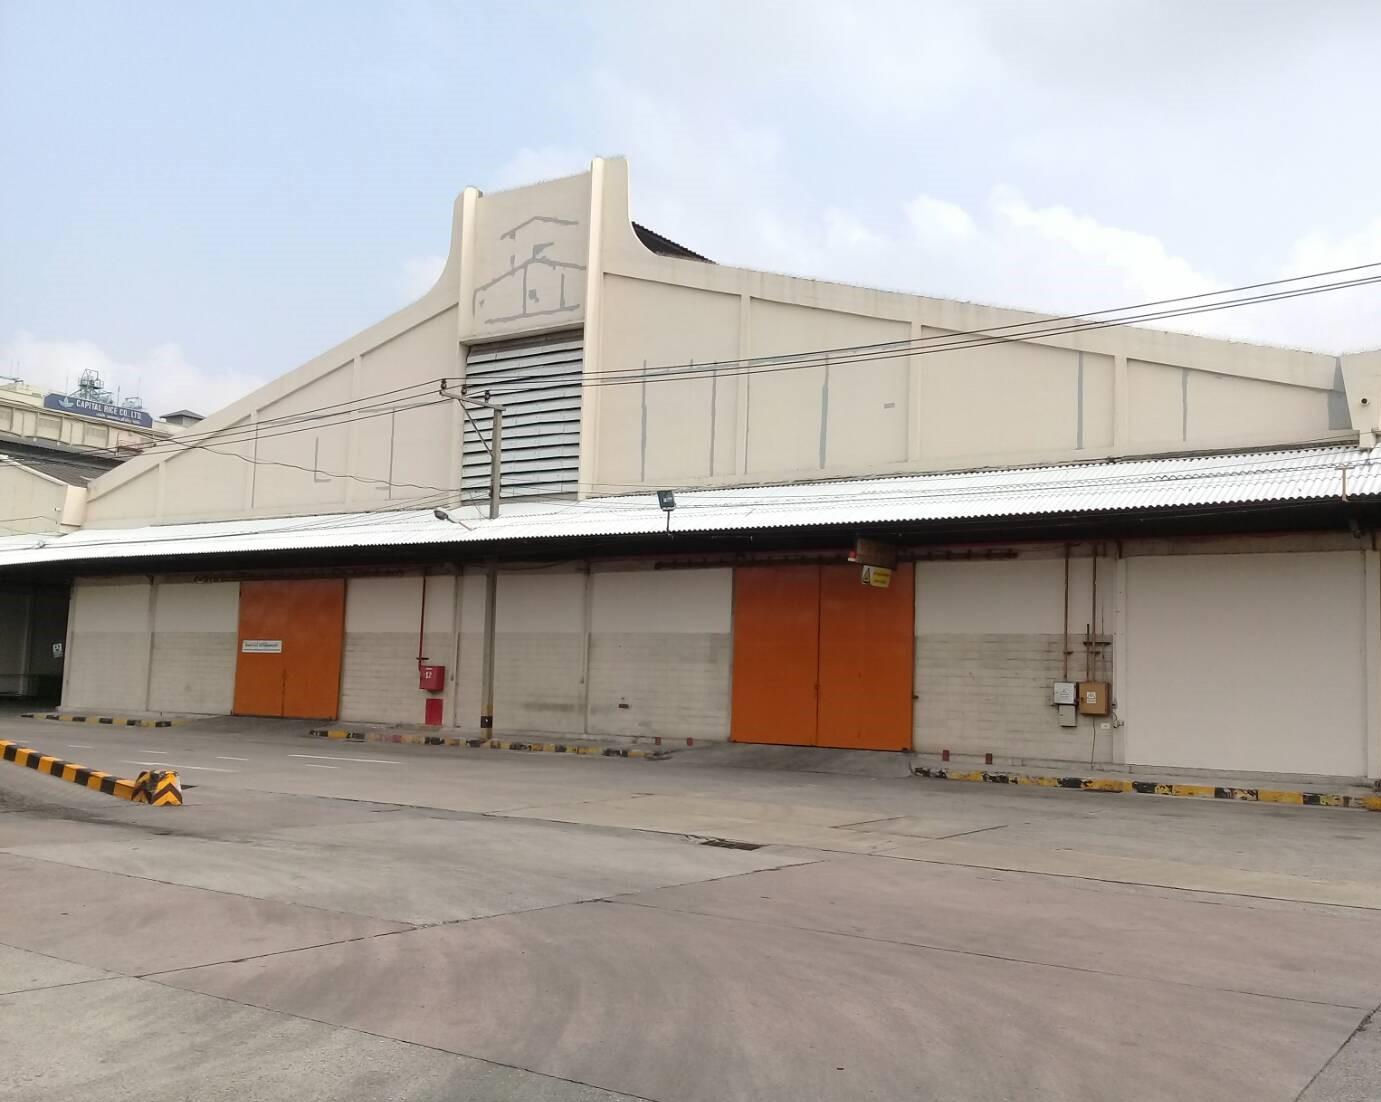 โกดัง/โรงงานให้เช่า พื้นที่ 14,025/6,006/5,220 ตรม. ติดท่าเรือ มีลานจอดรถ อพาร์ทเม้นท์ ใกล้ BTSสำโรง